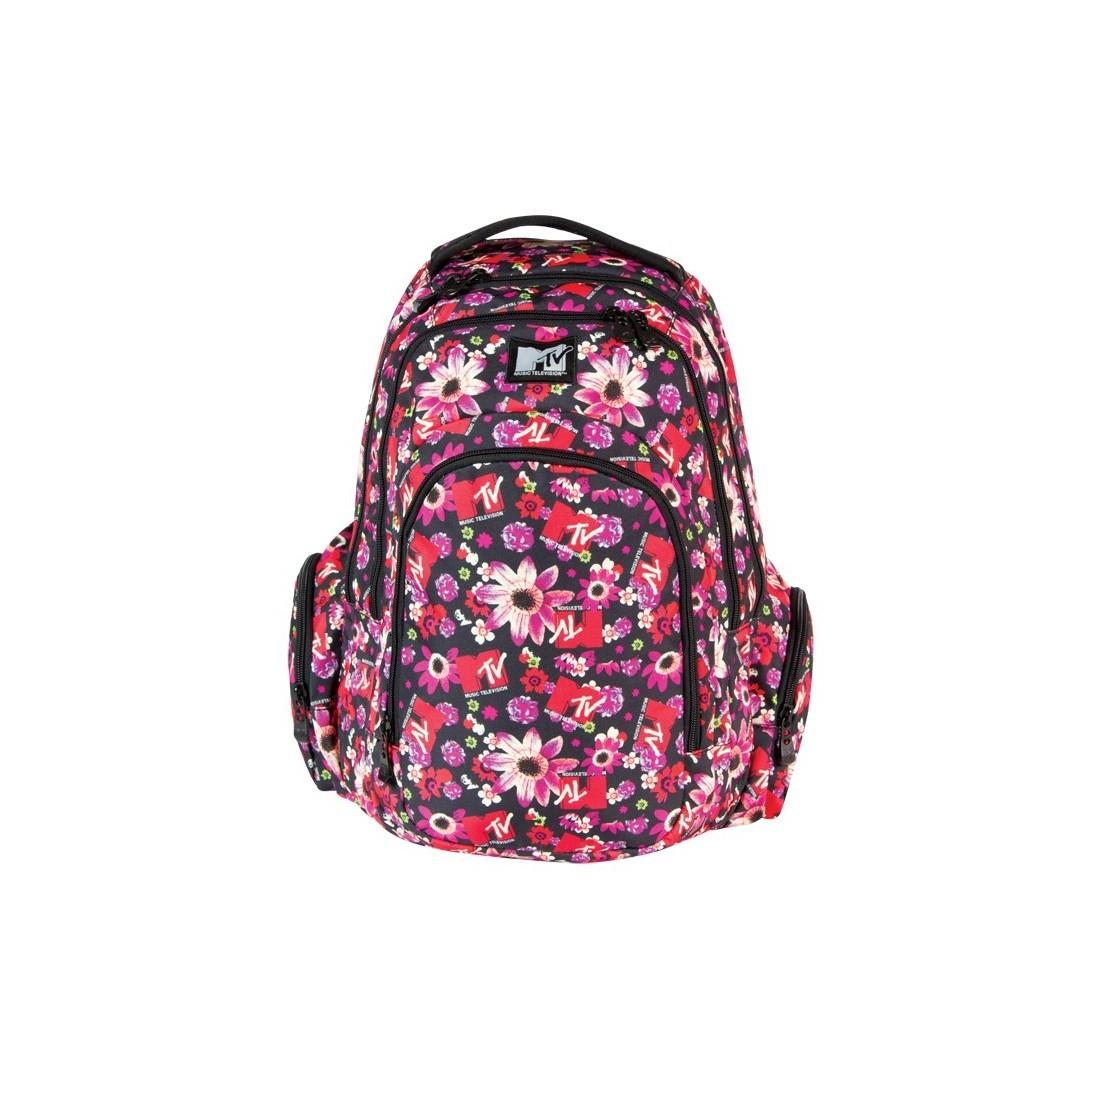 Plecak młodzieżowy duży MTV Coolpack Flowers